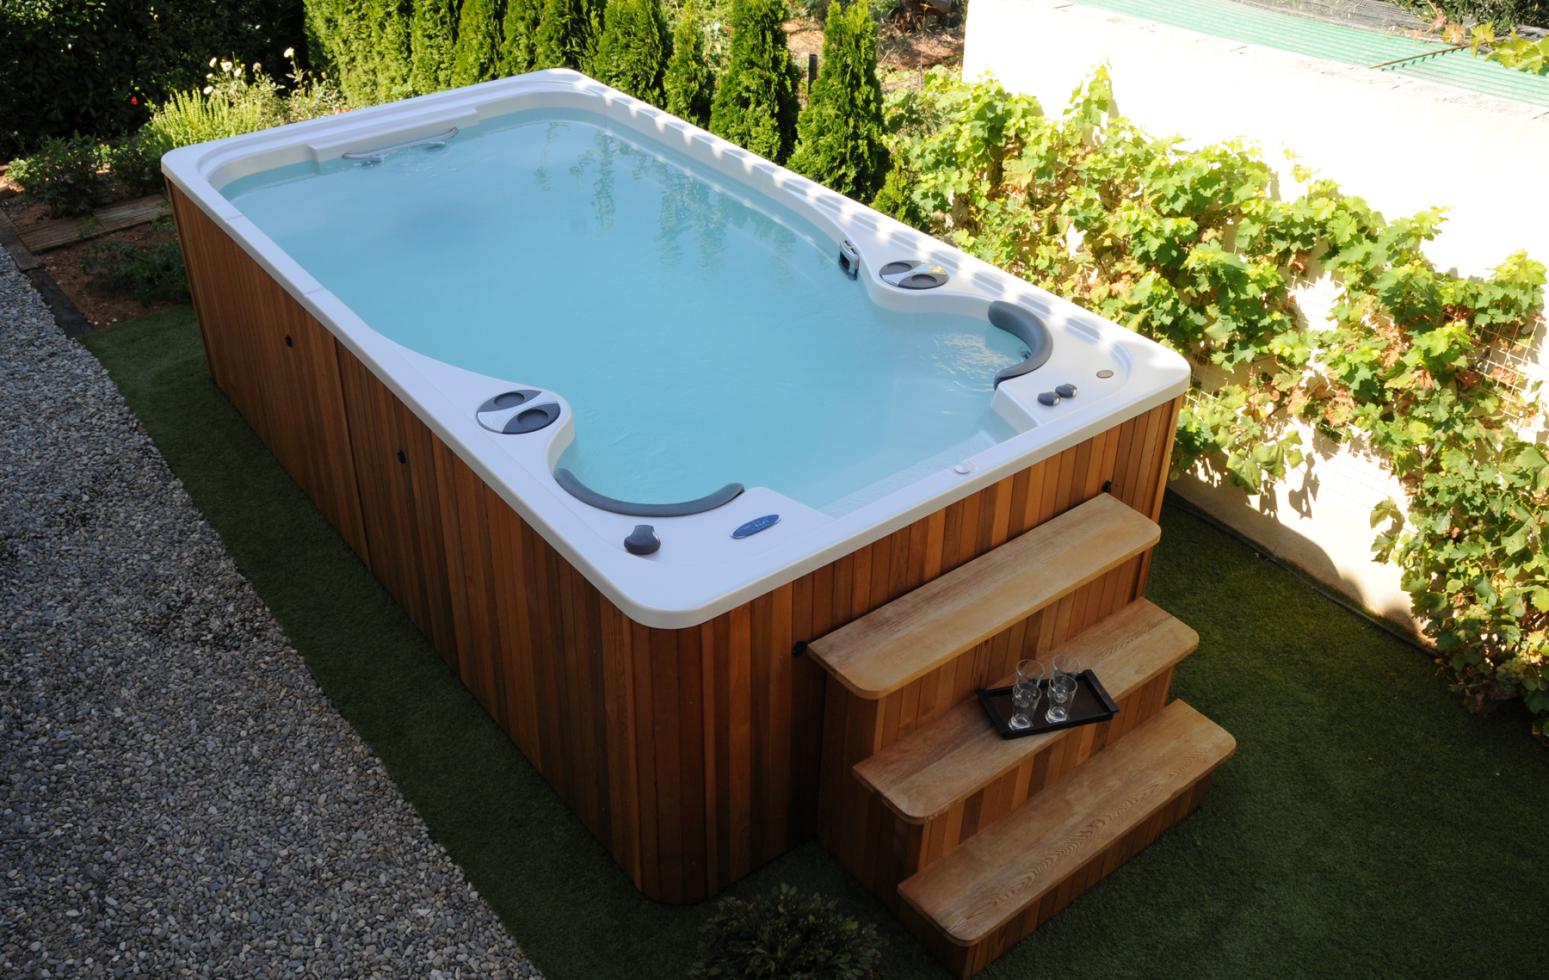 Spa de nage Hydropool 14 FX Aquasport